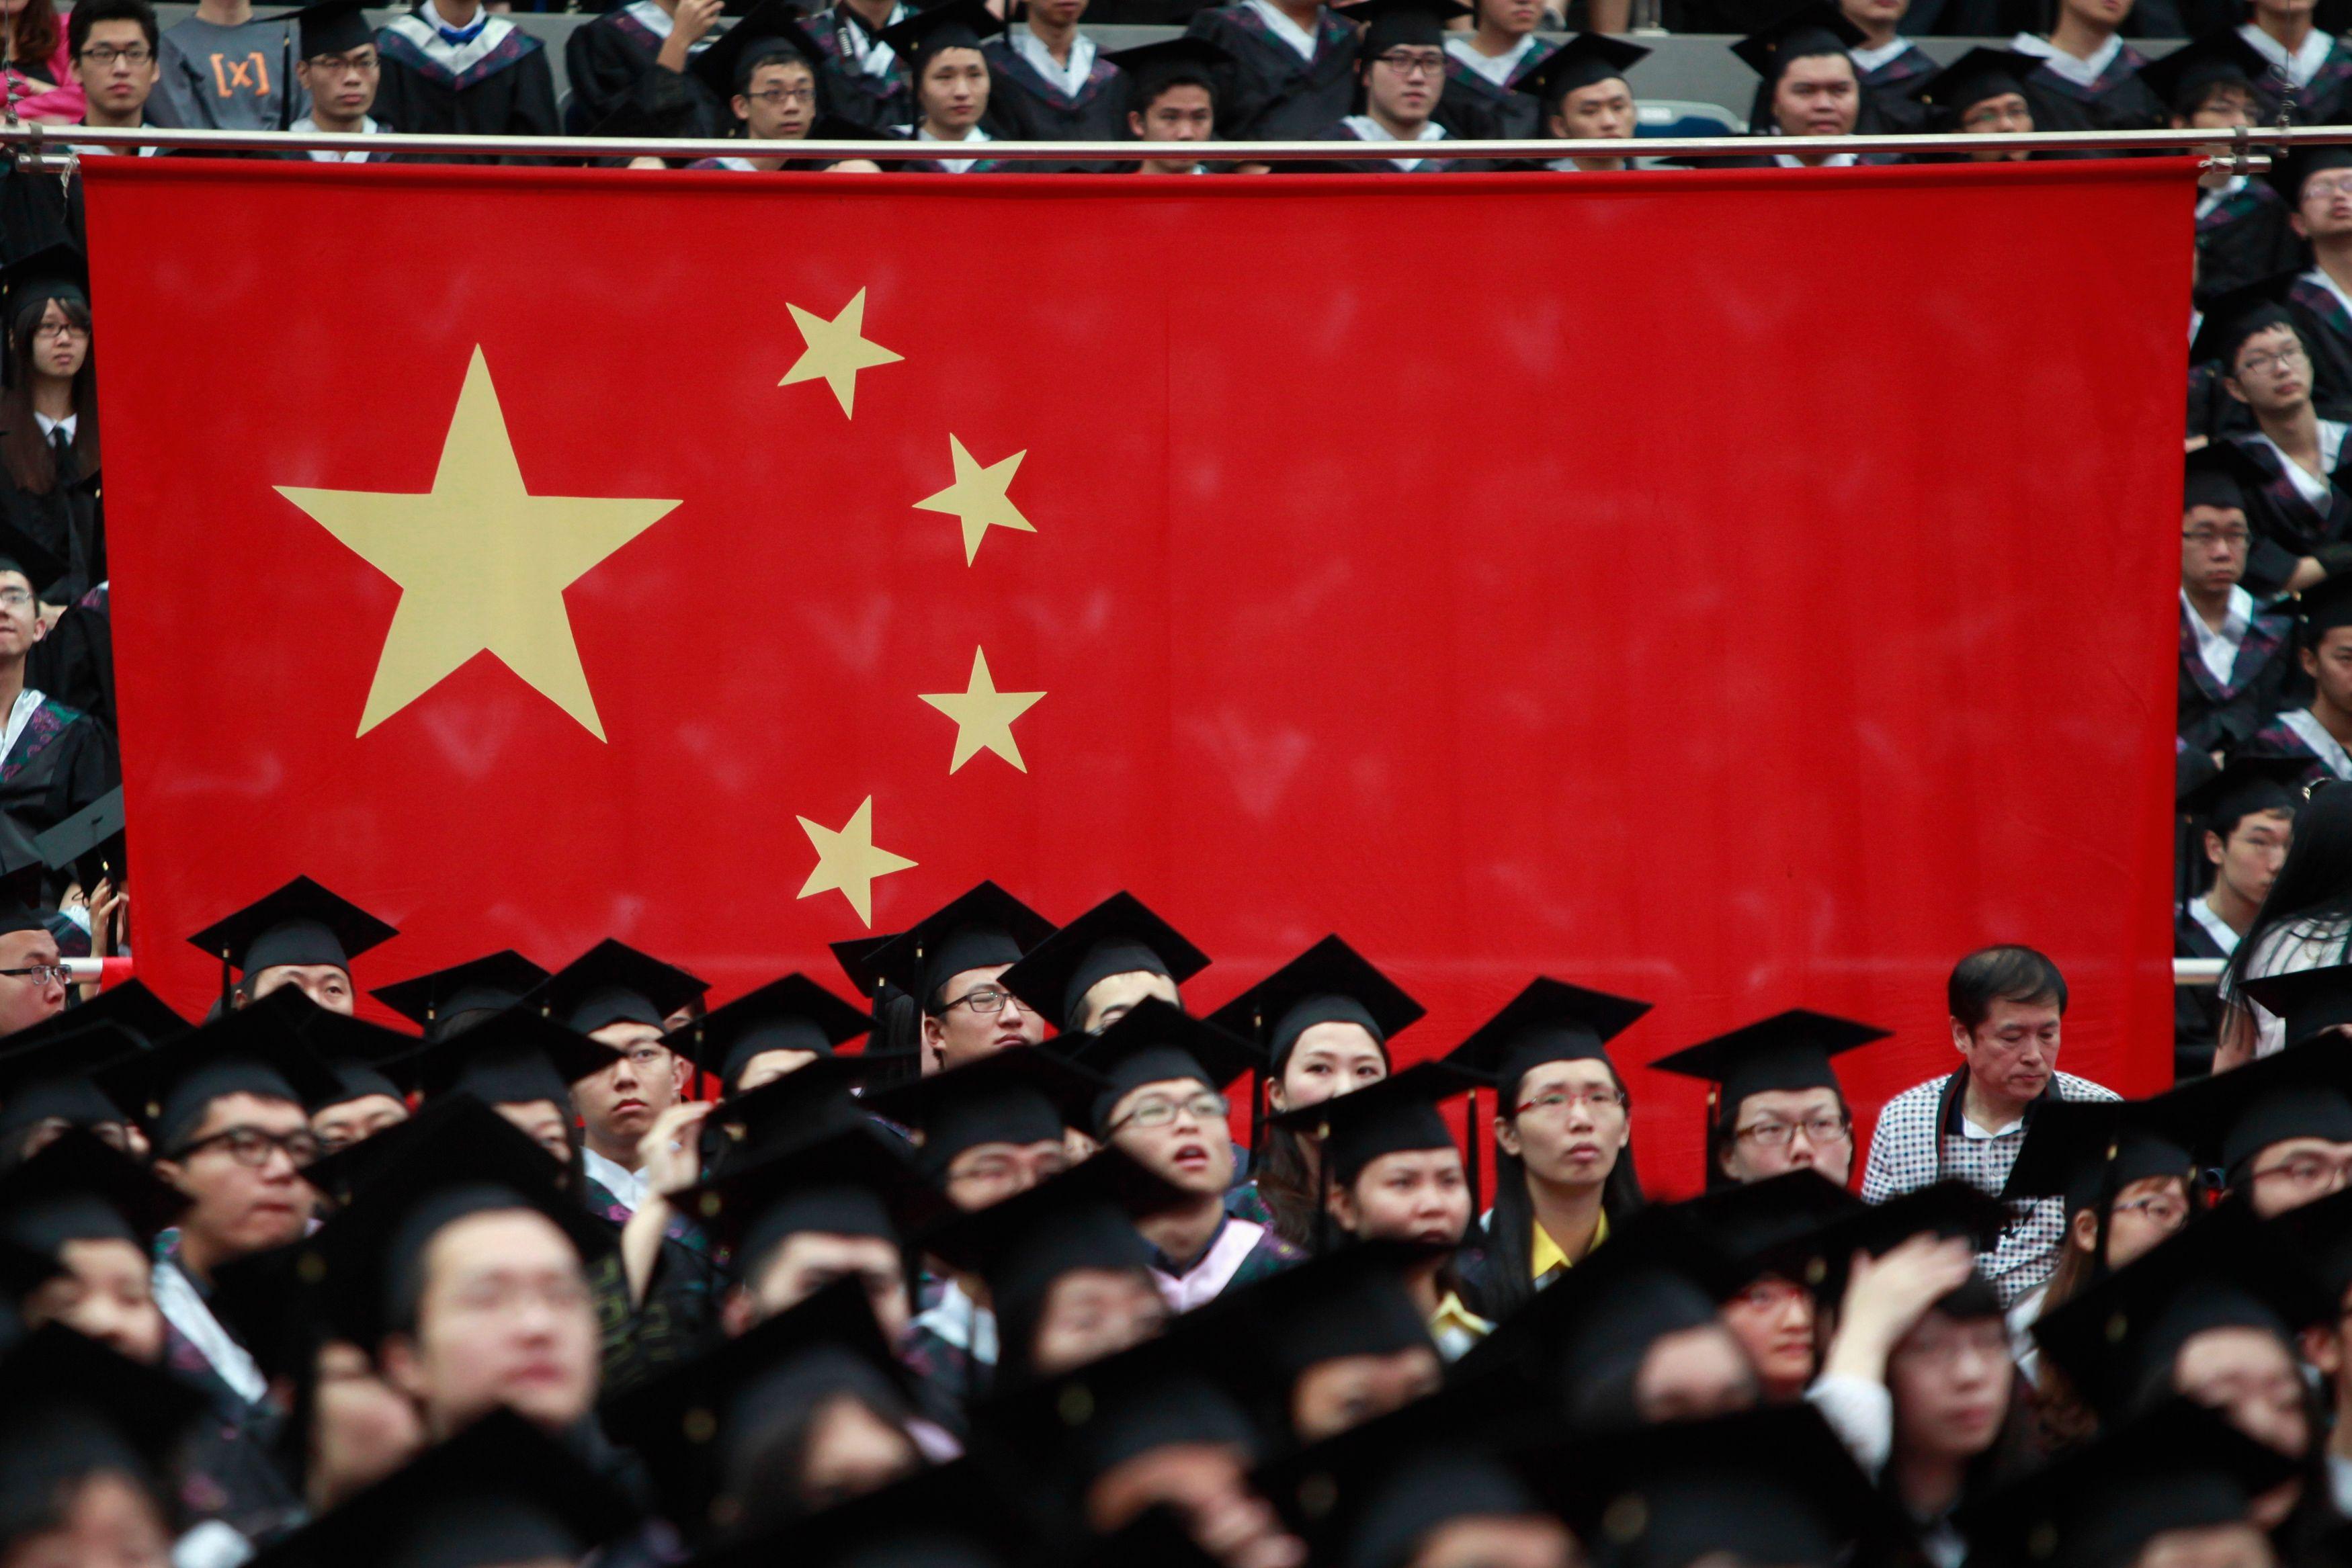 Innovation chinoise : quand les nouveaux espions industriels sont de...simples stagiaires